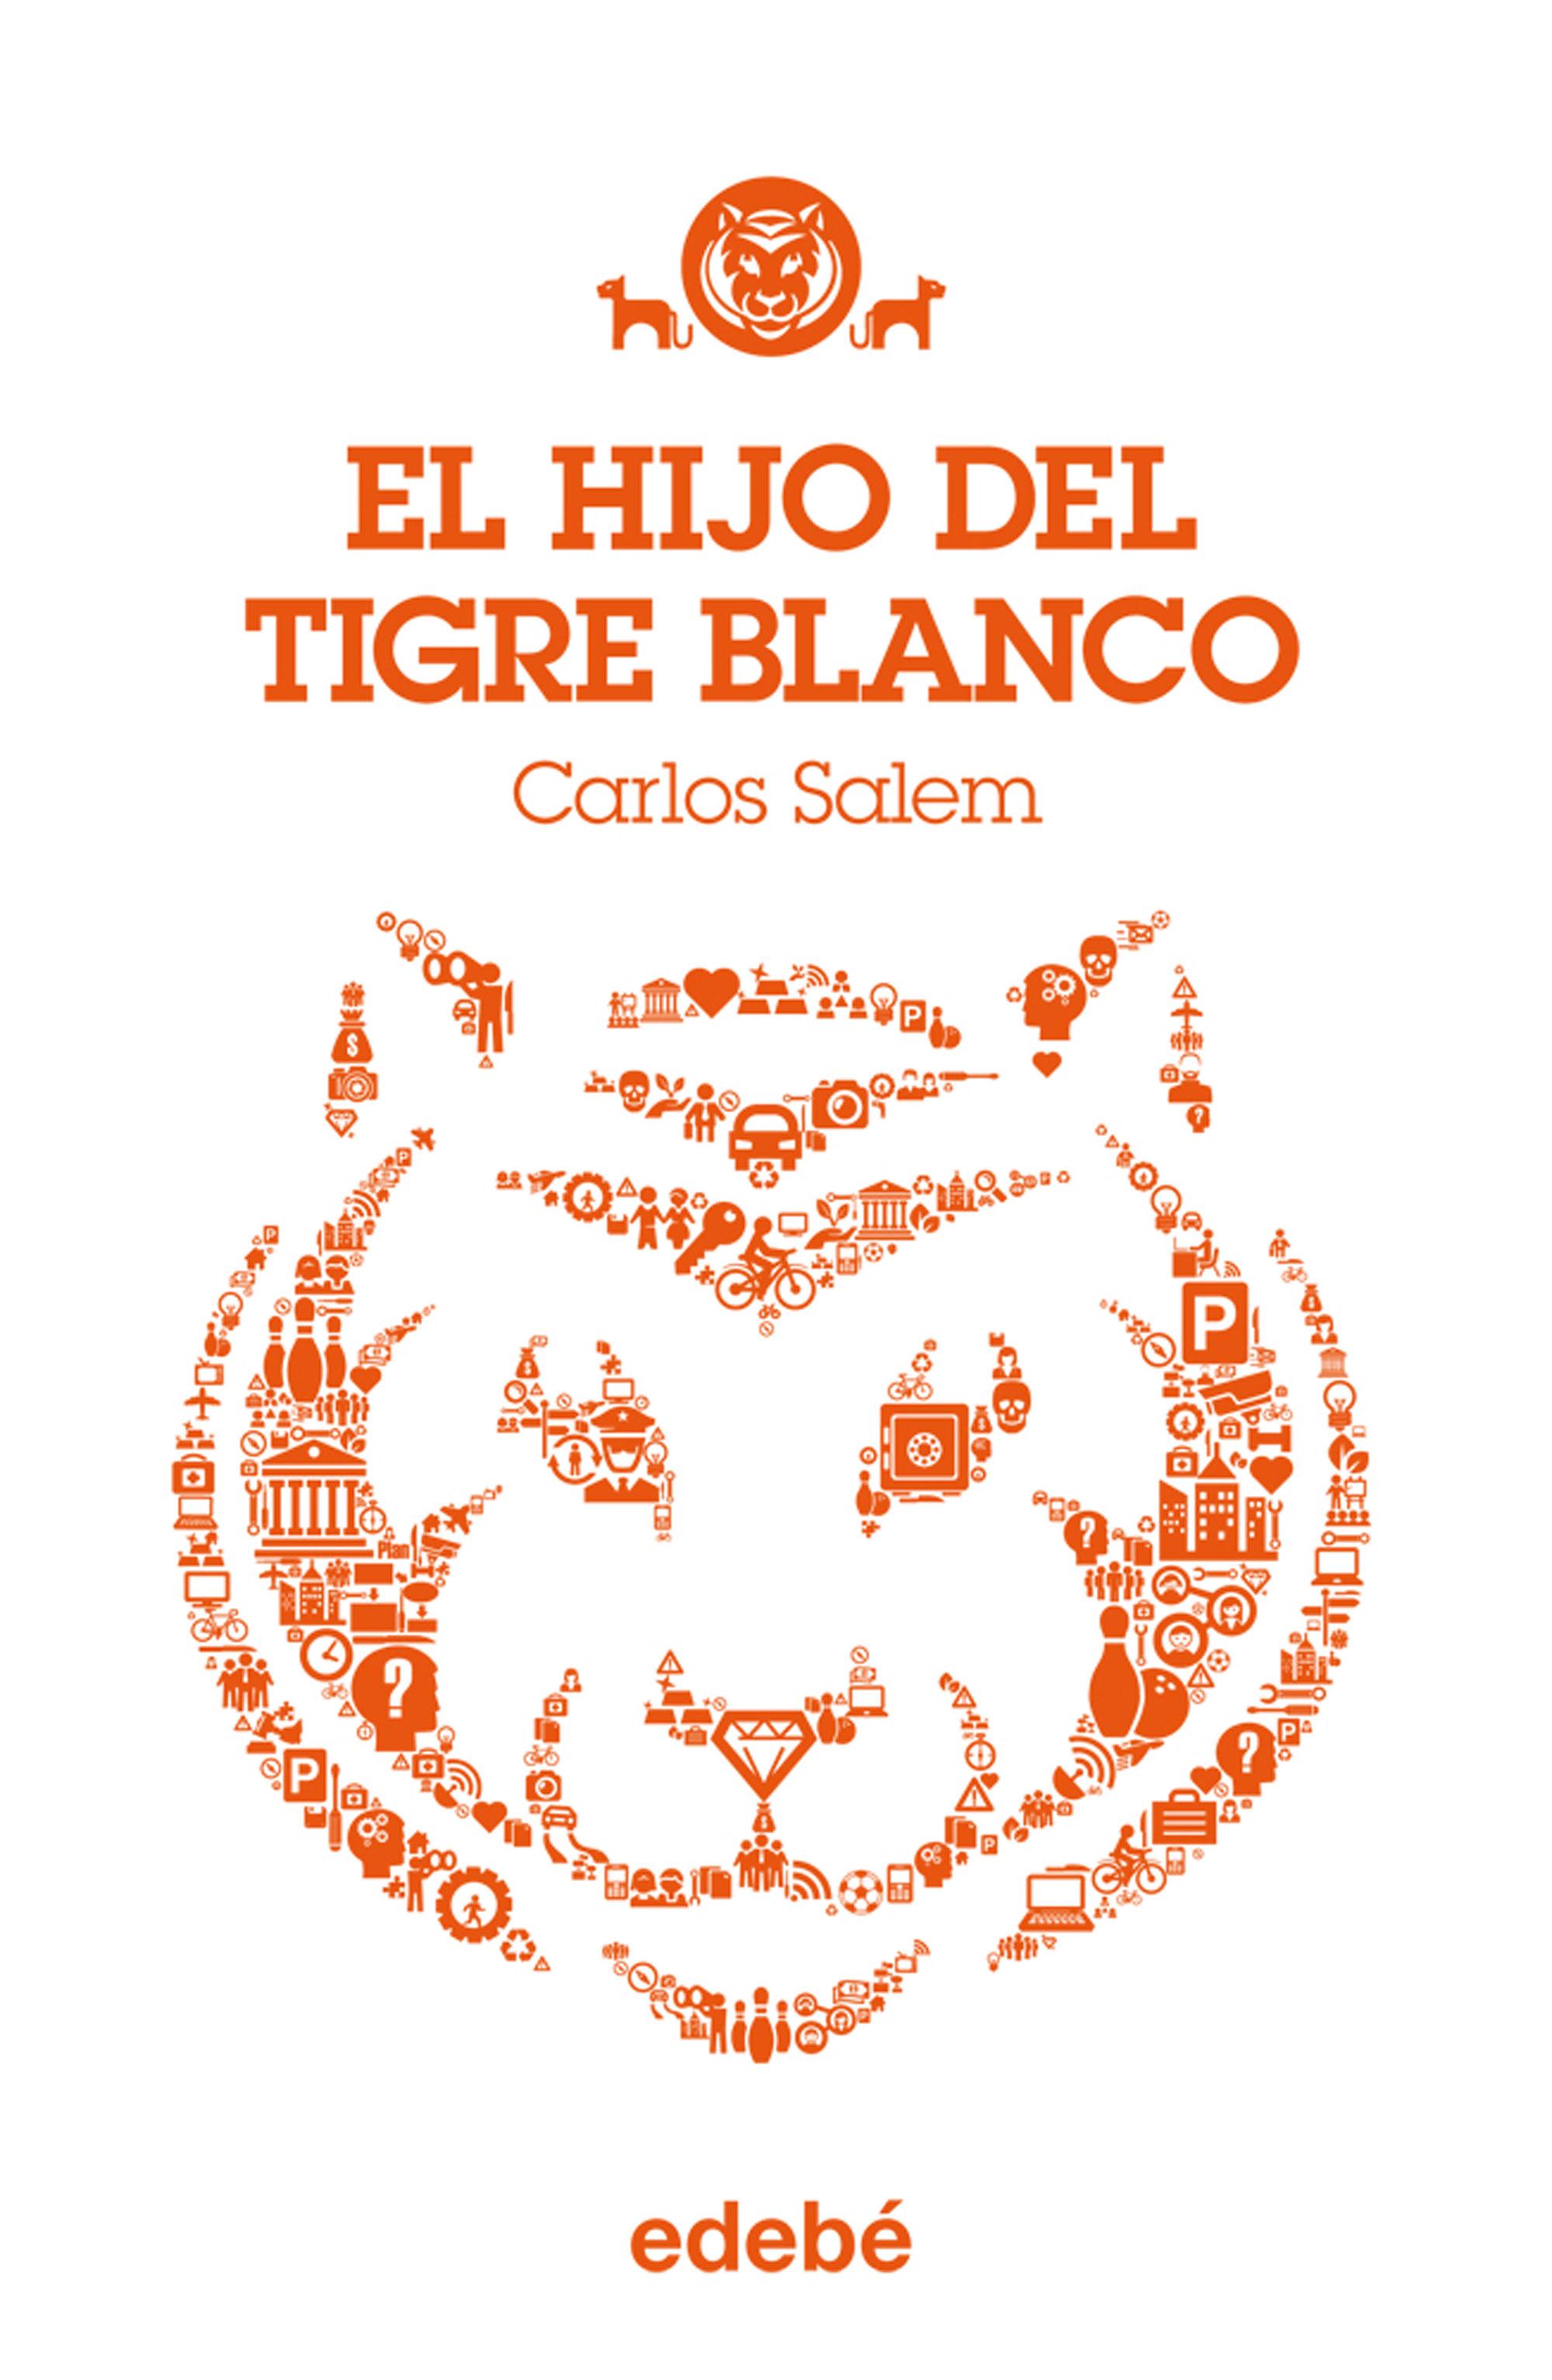 TIGRE BLANCO 1: El hijo del Tigre Blanco